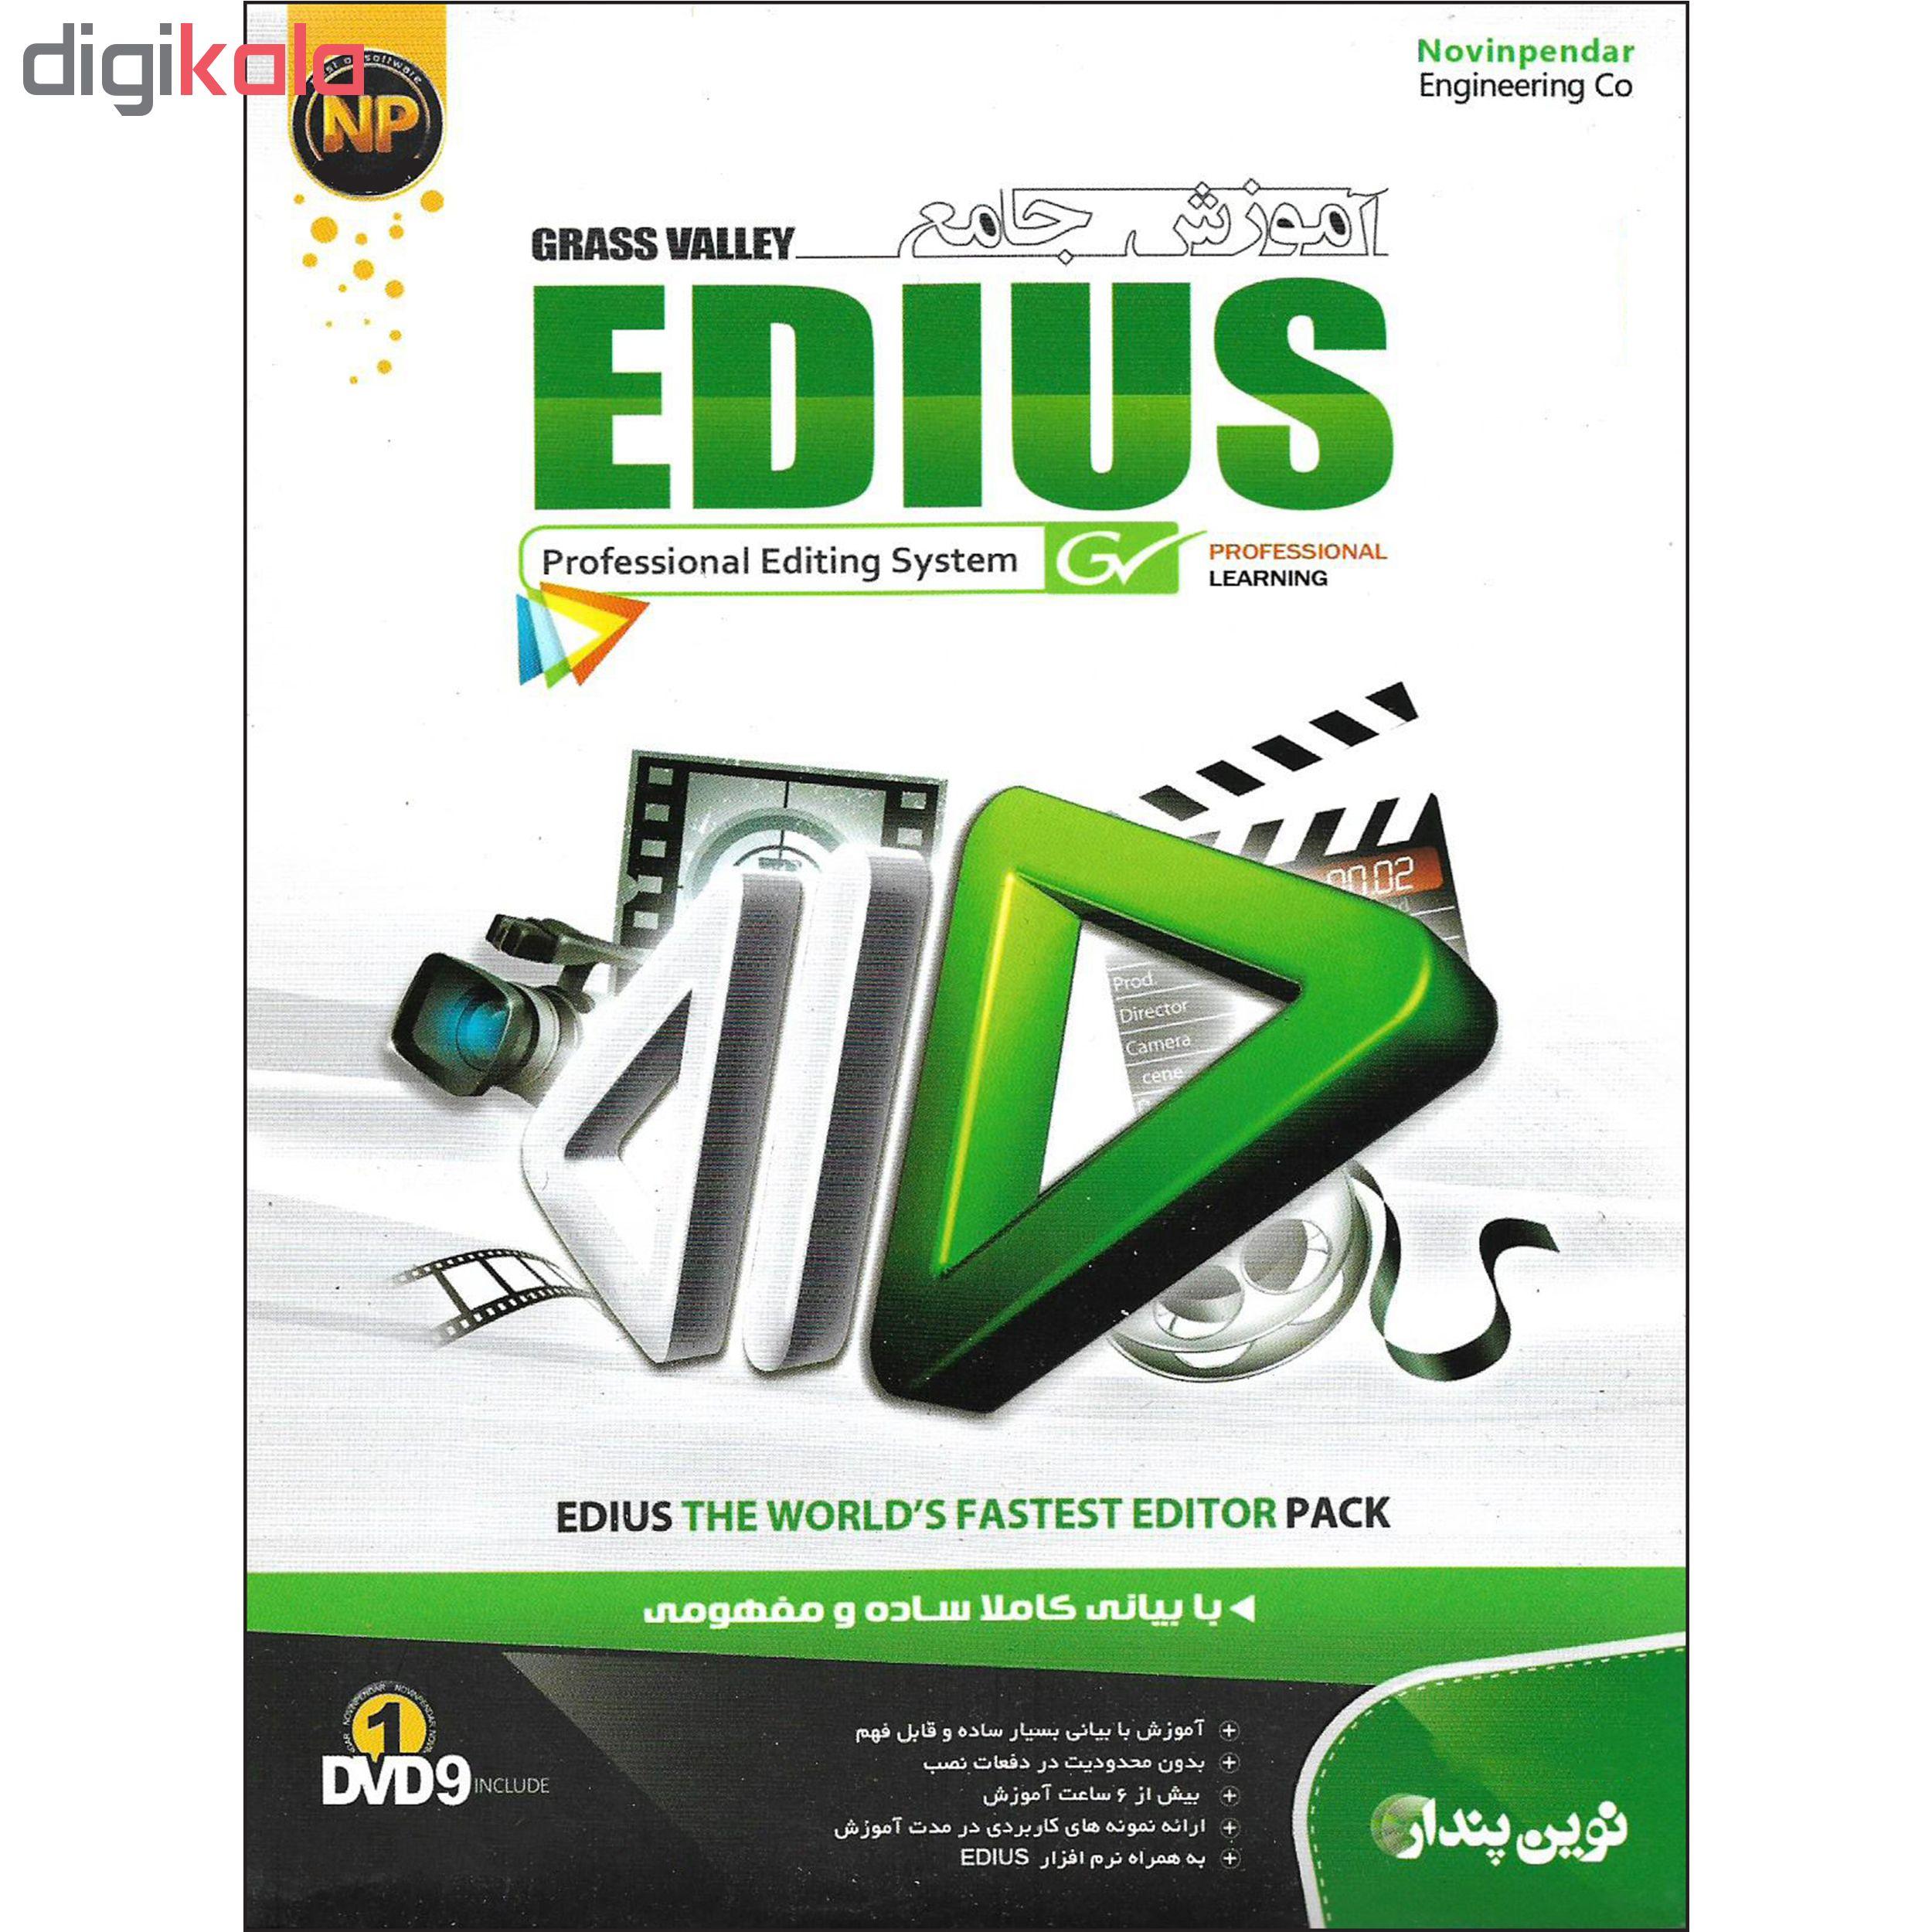 نرم افزار آموزش  PREMIERE CC نشر پدیده به همراه نرم افزار آموزش EDIUS نشر نوین پندار